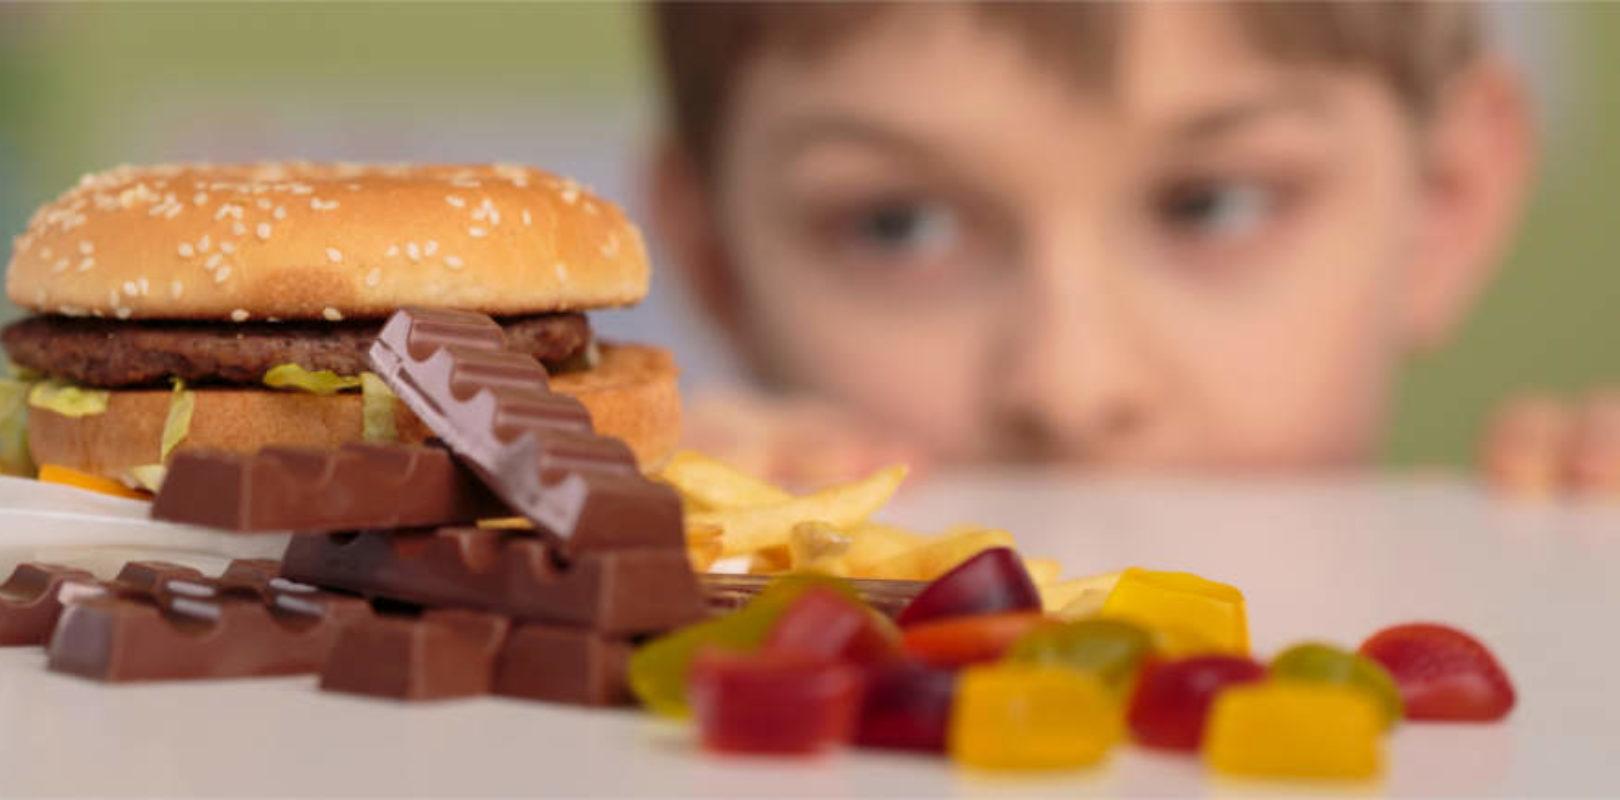 Dürfen Kinder fasten?